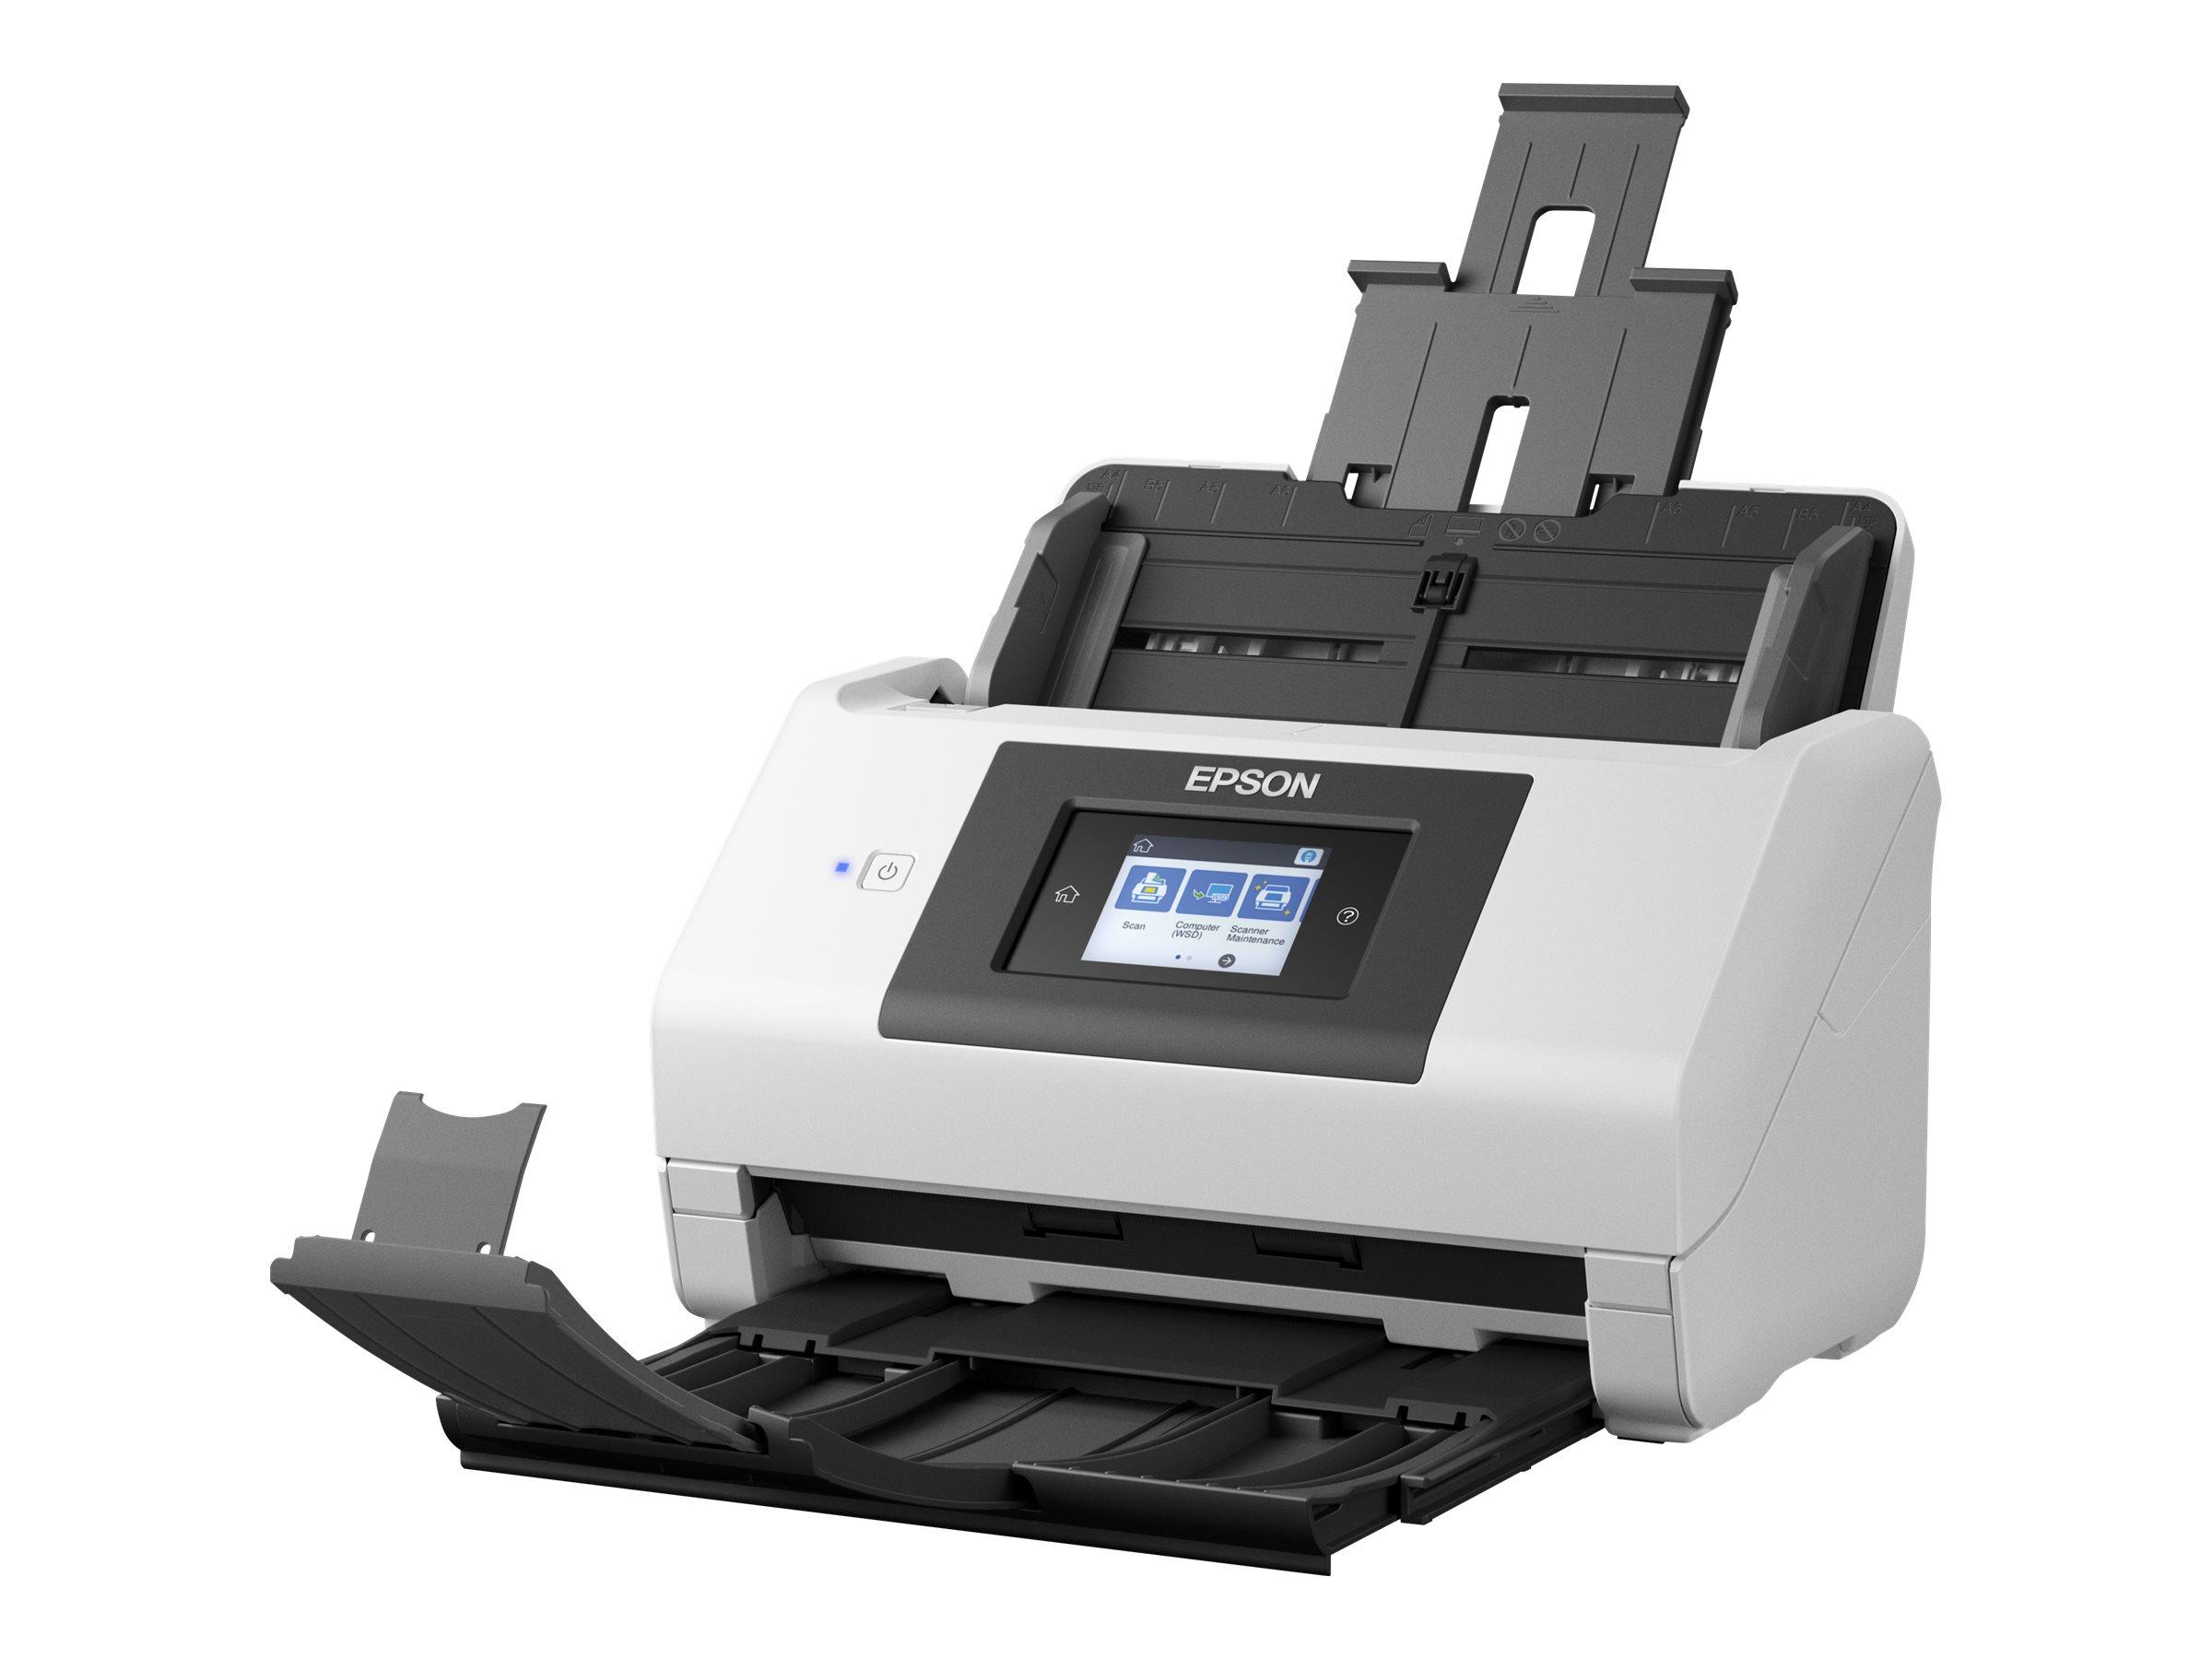 Epson WorkForce DS-780N - document scanner - desktop - USB 3.0, Gigabit LAN, USB 2.0 (Host)